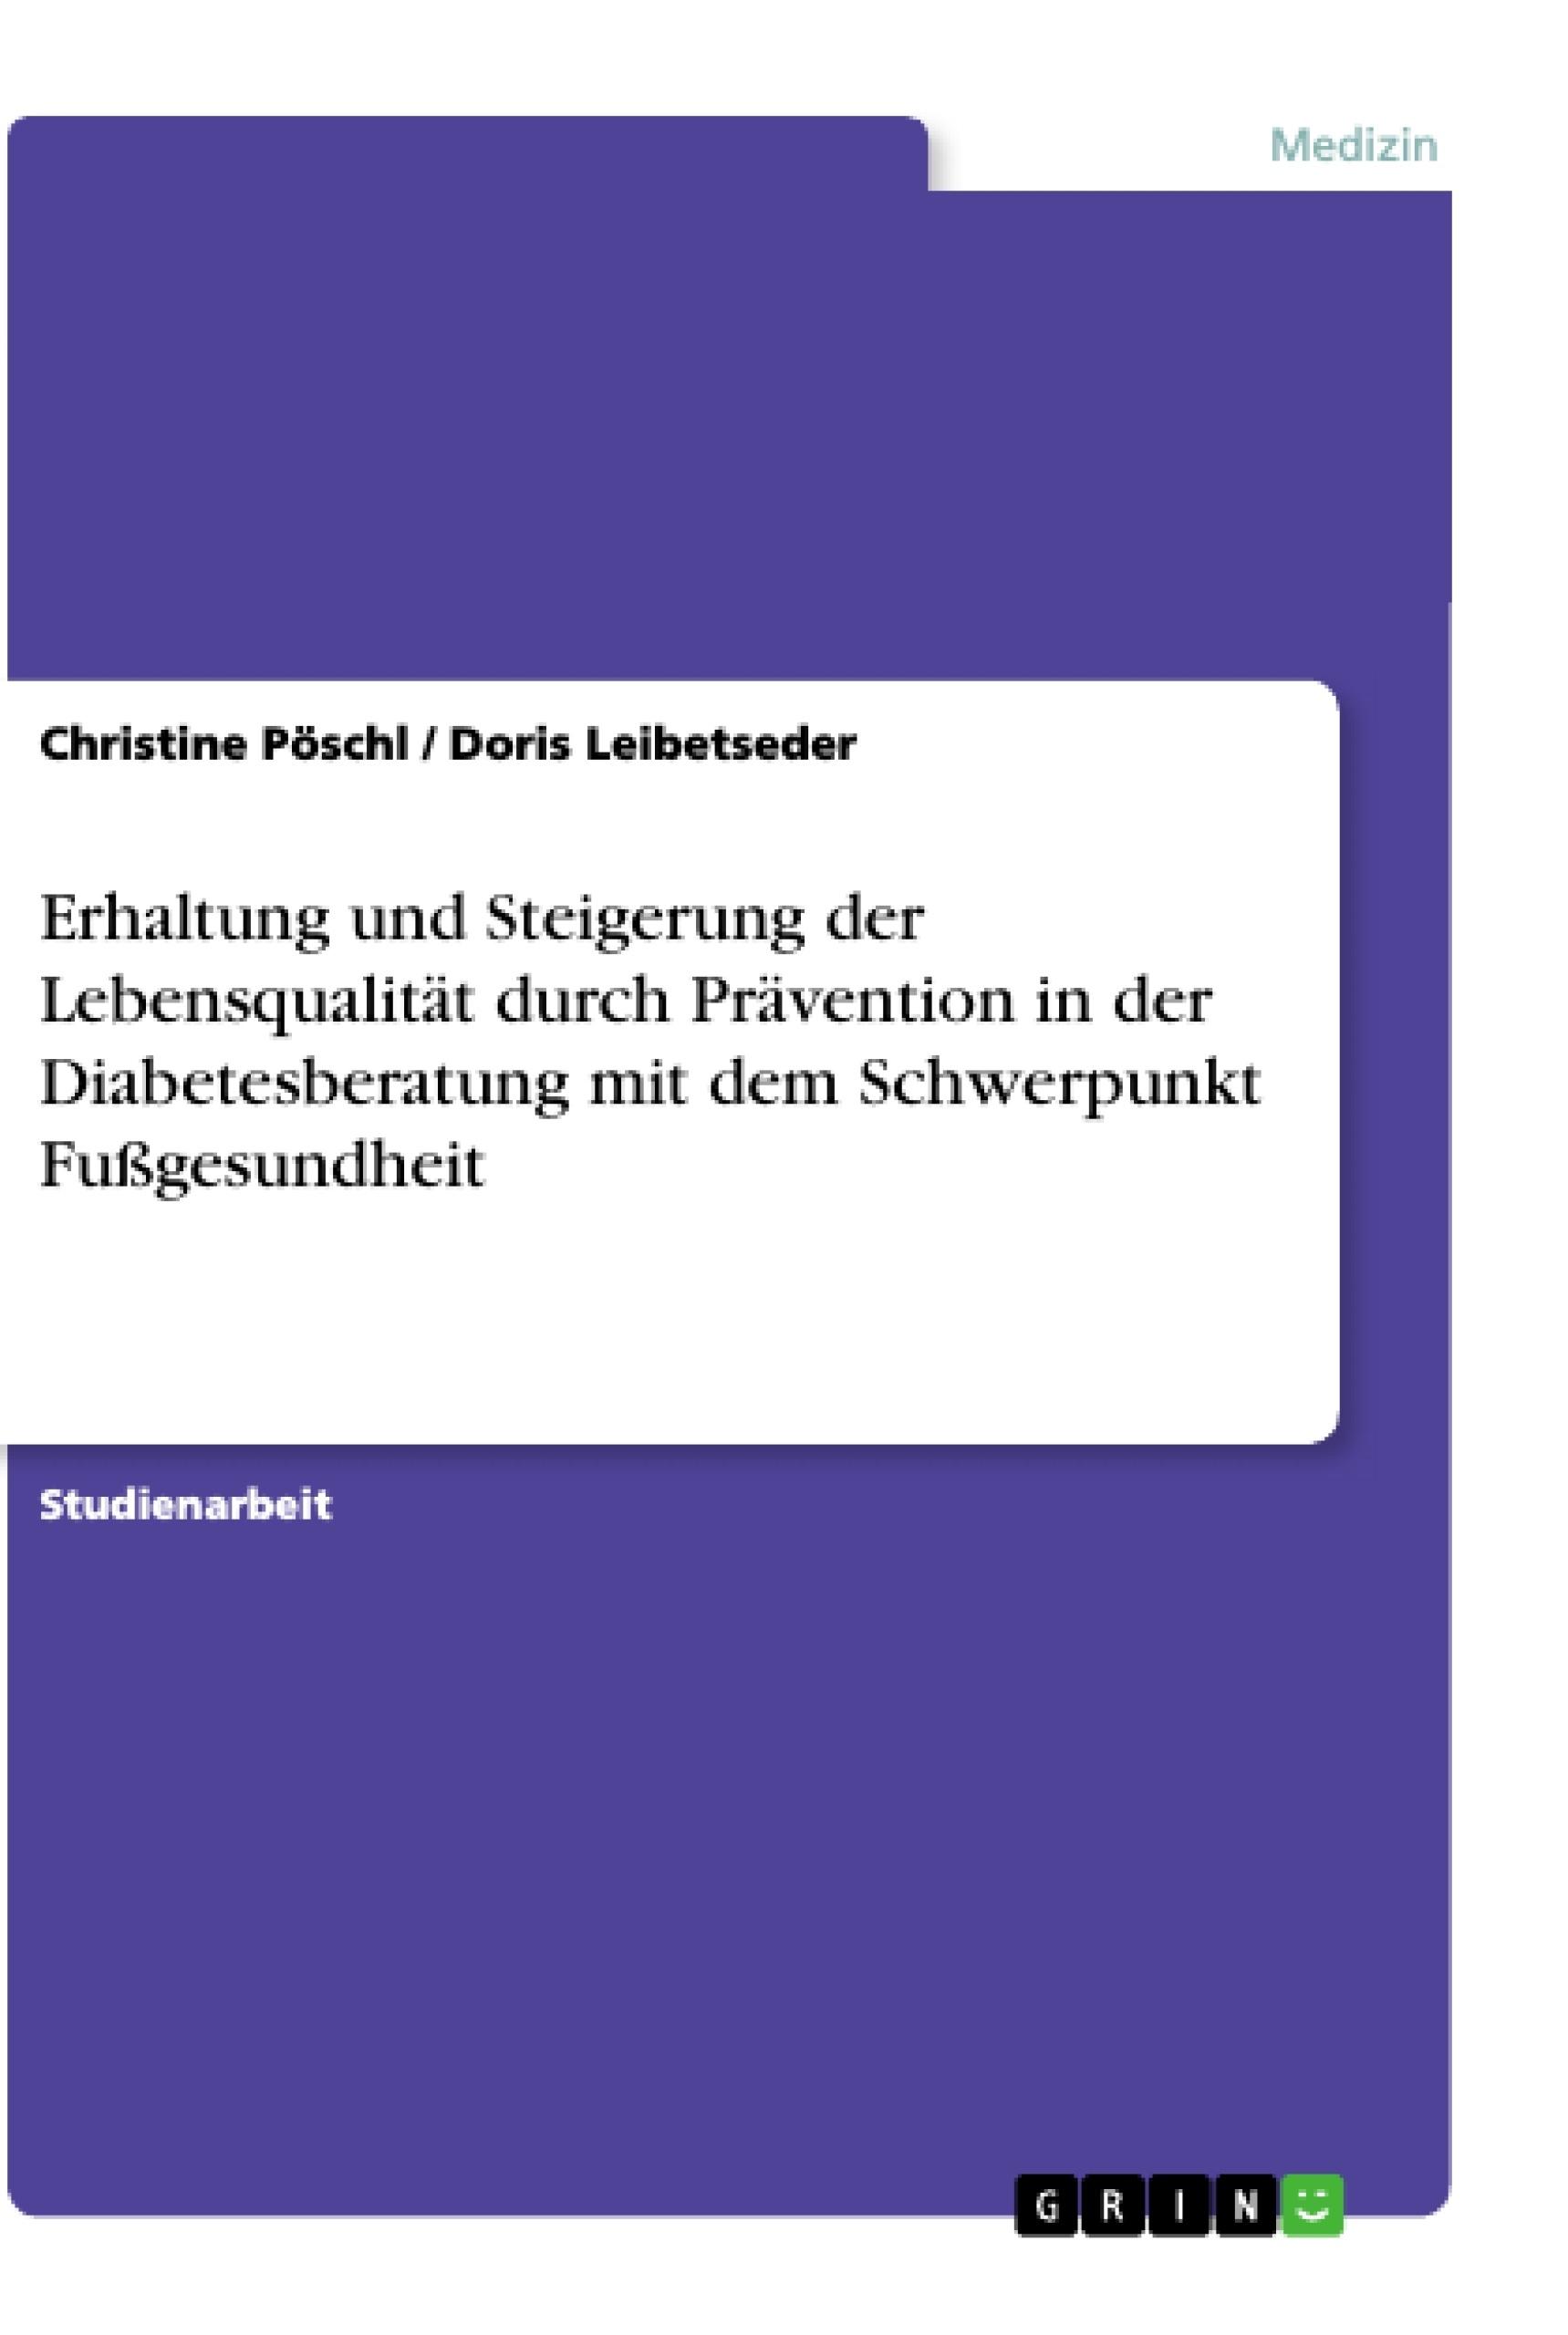 Titel: Erhaltung und Steigerung der Lebensqualität durch Prävention in der Diabetesberatung mit dem Schwerpunkt Fußgesundheit